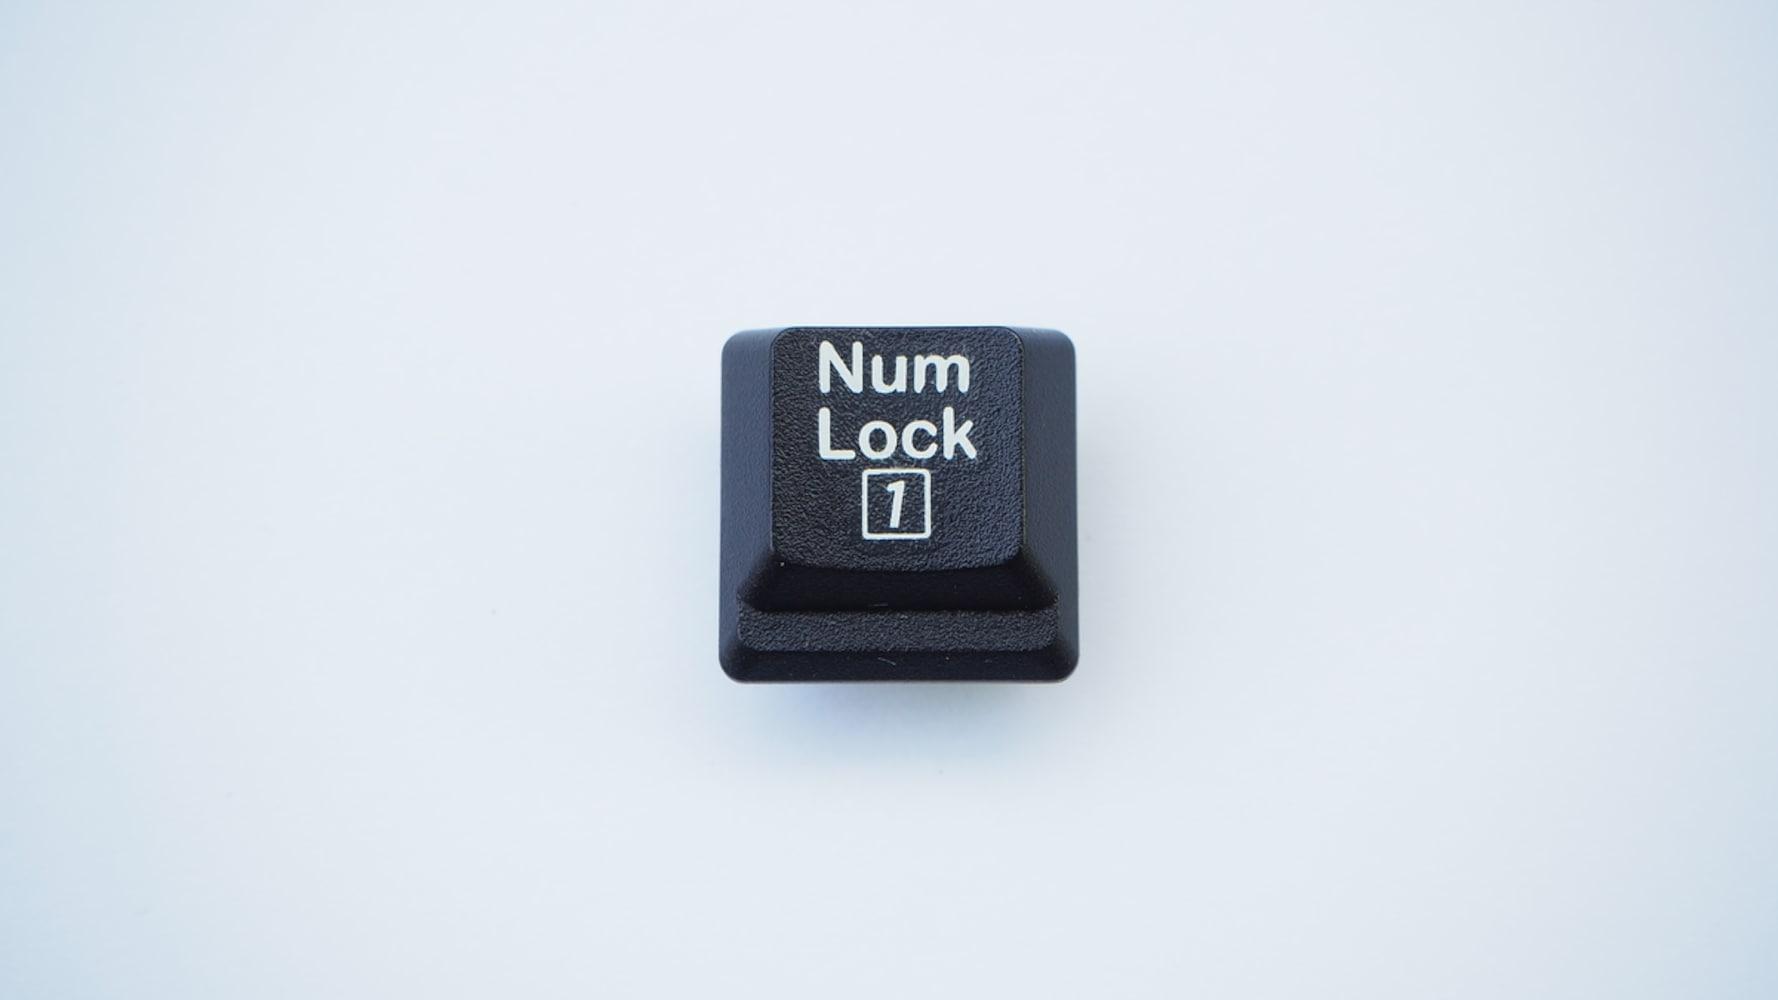 連動性|キーボードに影響を及ぼさないNumLockキー非連動